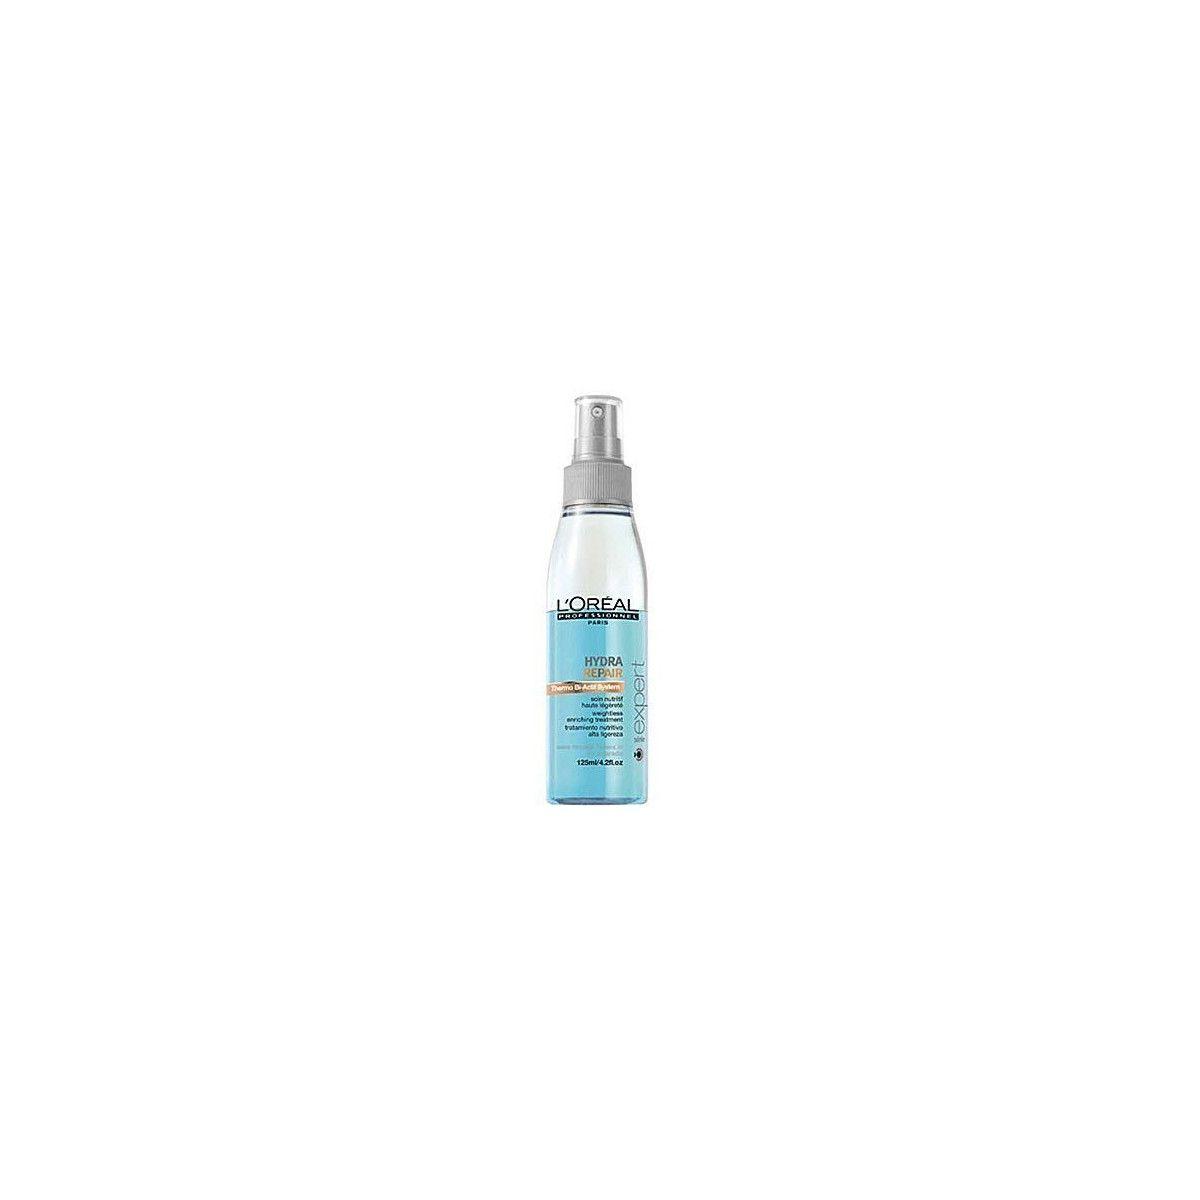 LOREAL HYDRA INTENSE REPAIR, Spray nawilżający 125ml